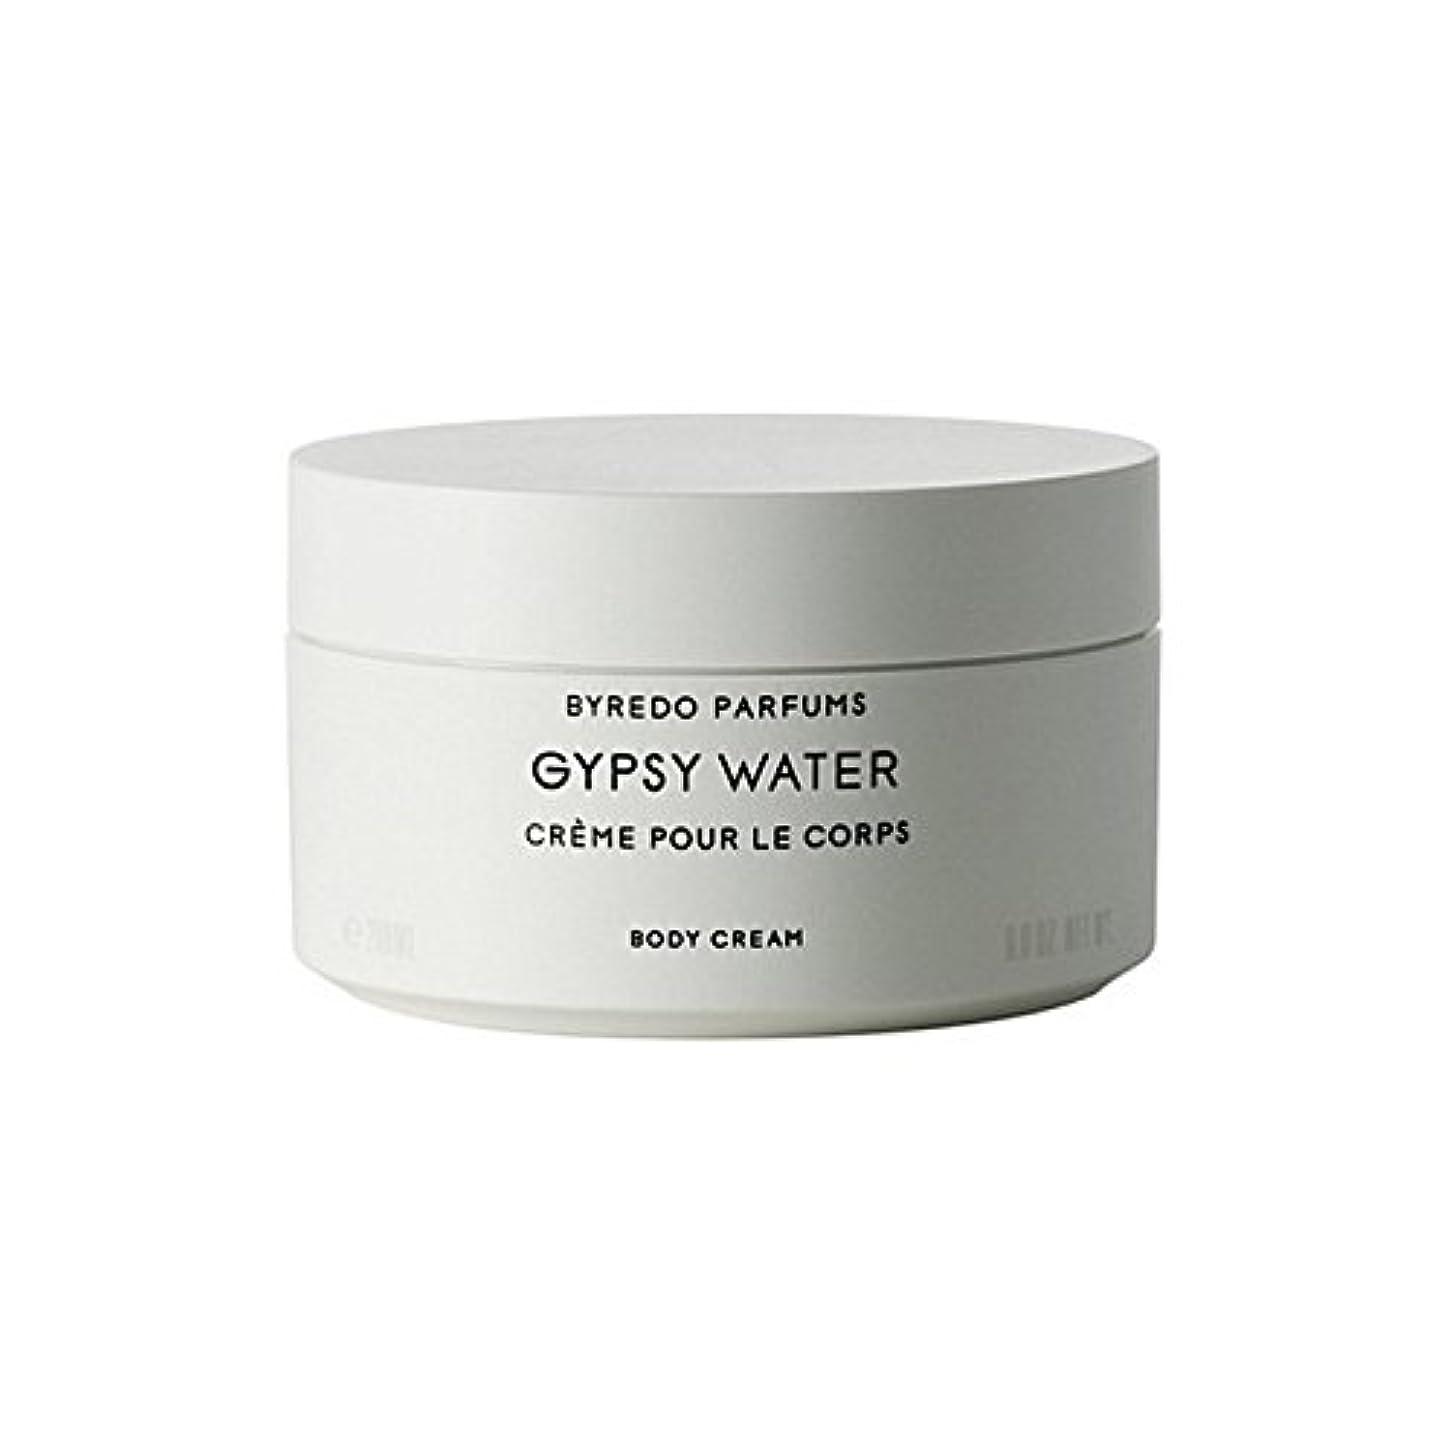 ラリーベルモント本気確認ジプシー水ボディクリーム200ミリリットル x2 - Byredo Gypsy Water Body Cream 200ml (Pack of 2) [並行輸入品]